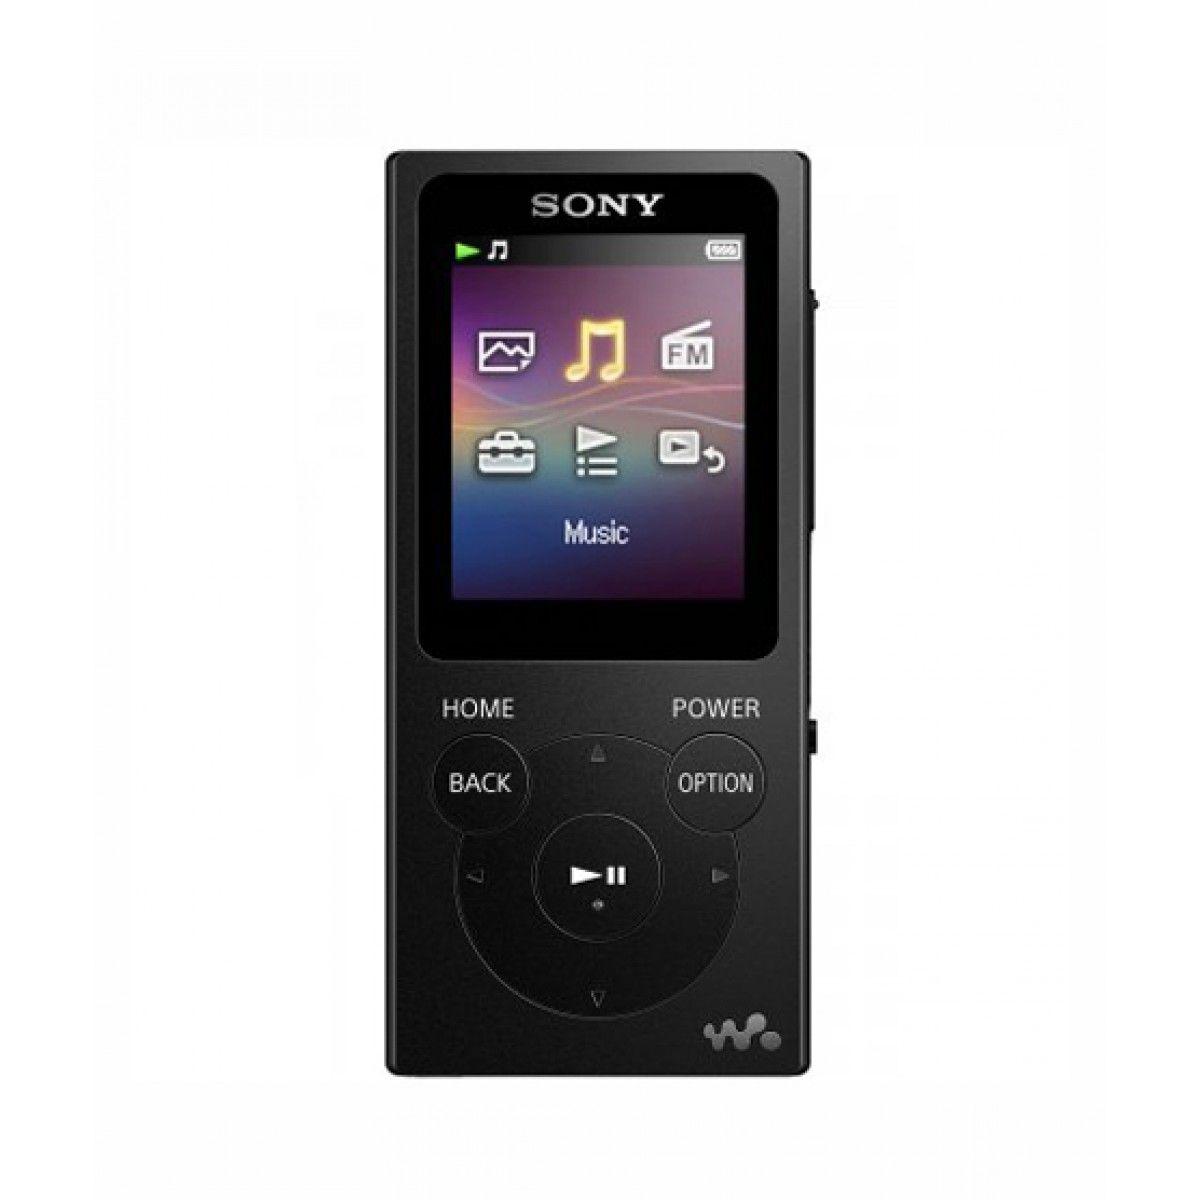 Sony 8GB Walkman Digital Music Player Black NWZ-E394